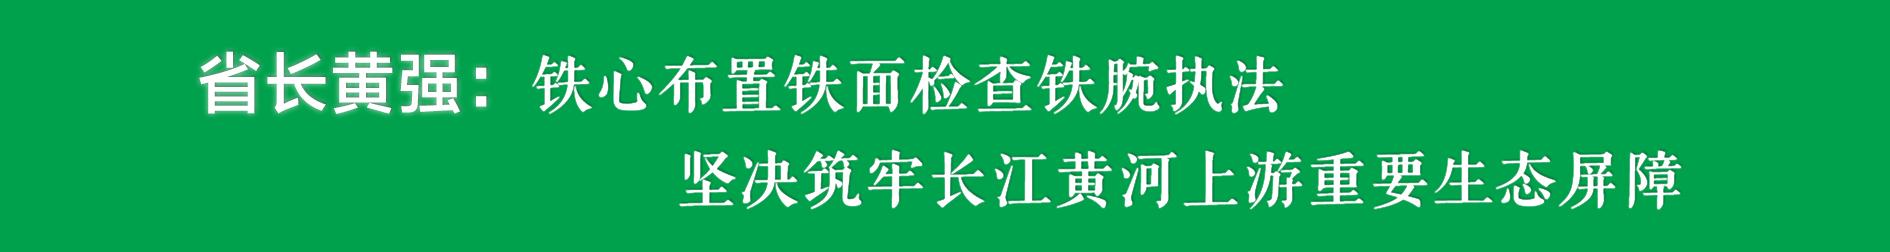 四川省省长黄强:铁心布置铁面检查铁腕执法,坚决筑牢长江黄河上游重要生态屏障